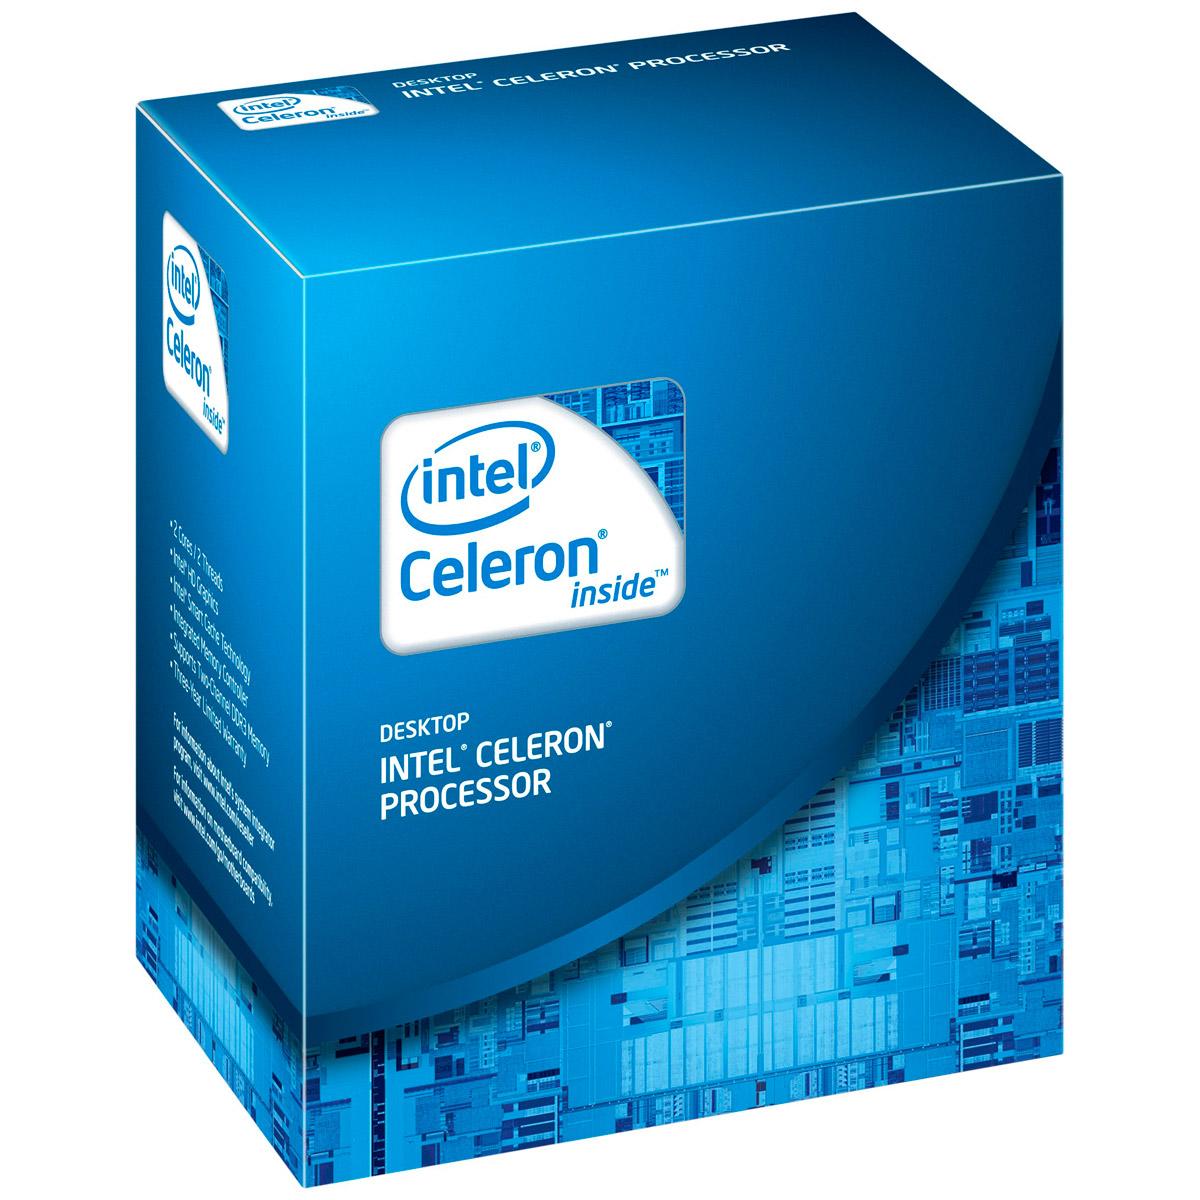 Processeur Intel Celeron G1610 (2.6 GHz) Processeur Dual Core 2.6 GHz Socket 1155 Cache L3 2 Mo Intel HD Graphics 0.022 micron (version boîte - garantie Intel 3 ans)